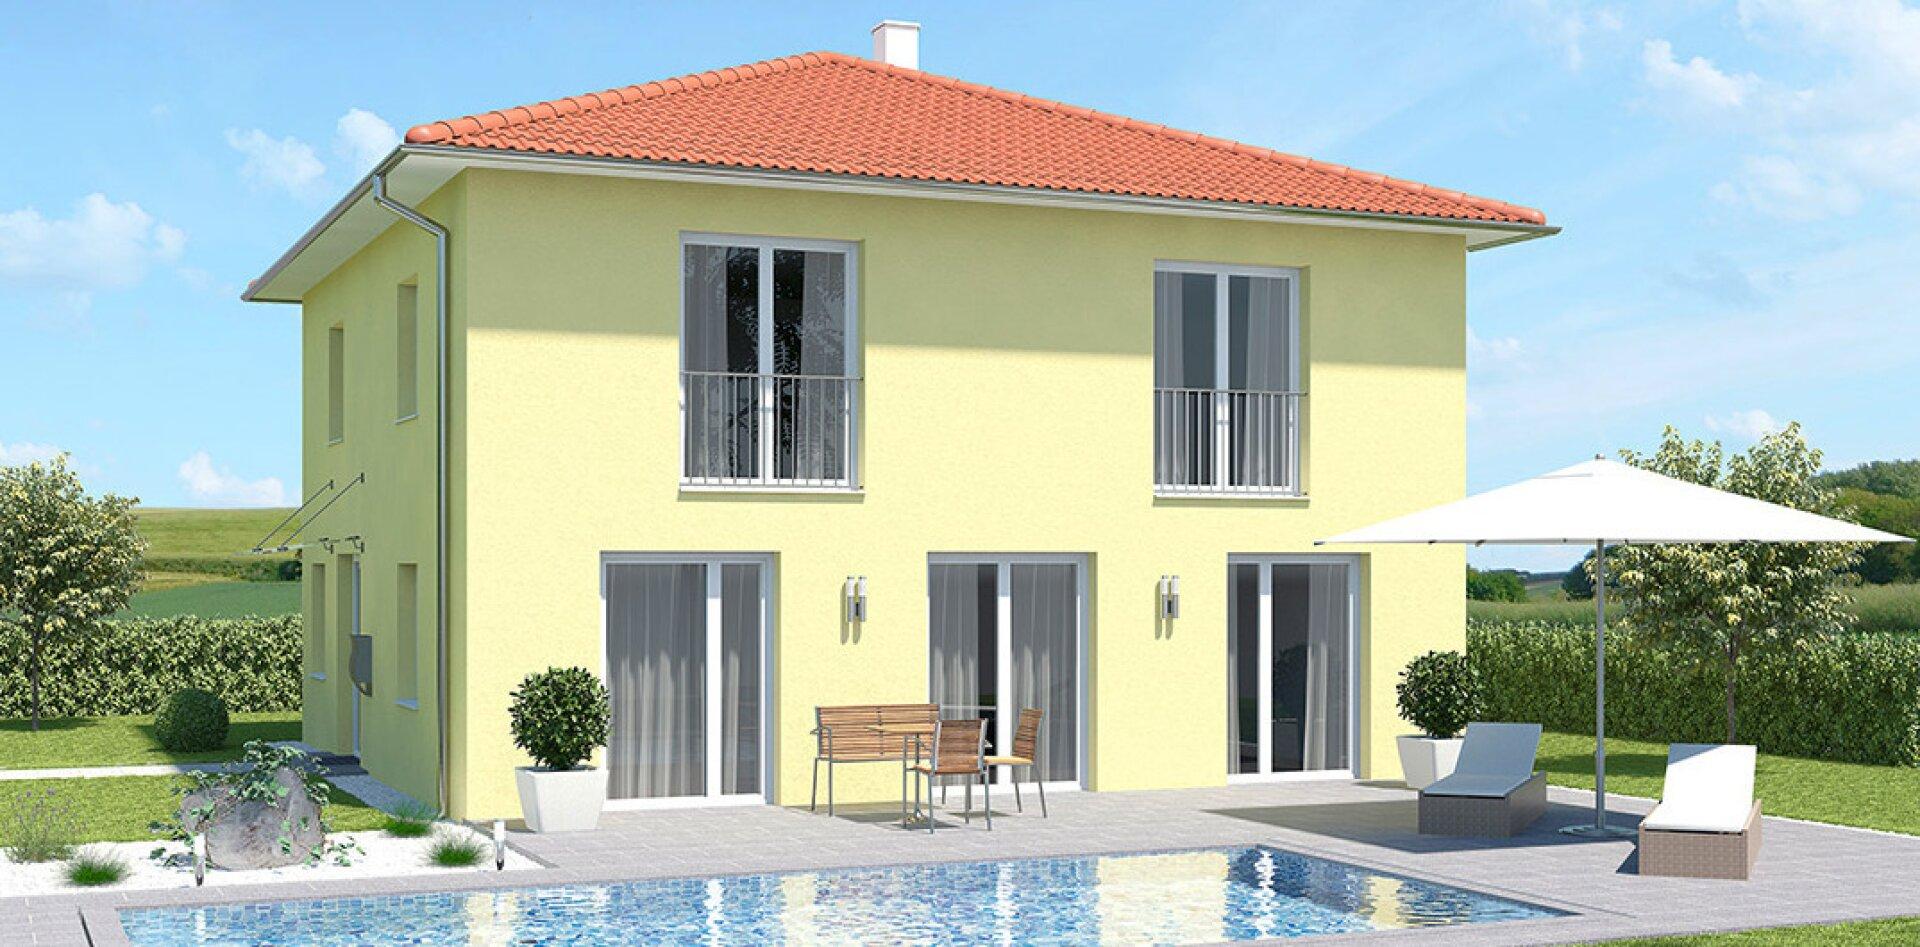 Wohnfläche 130 m²